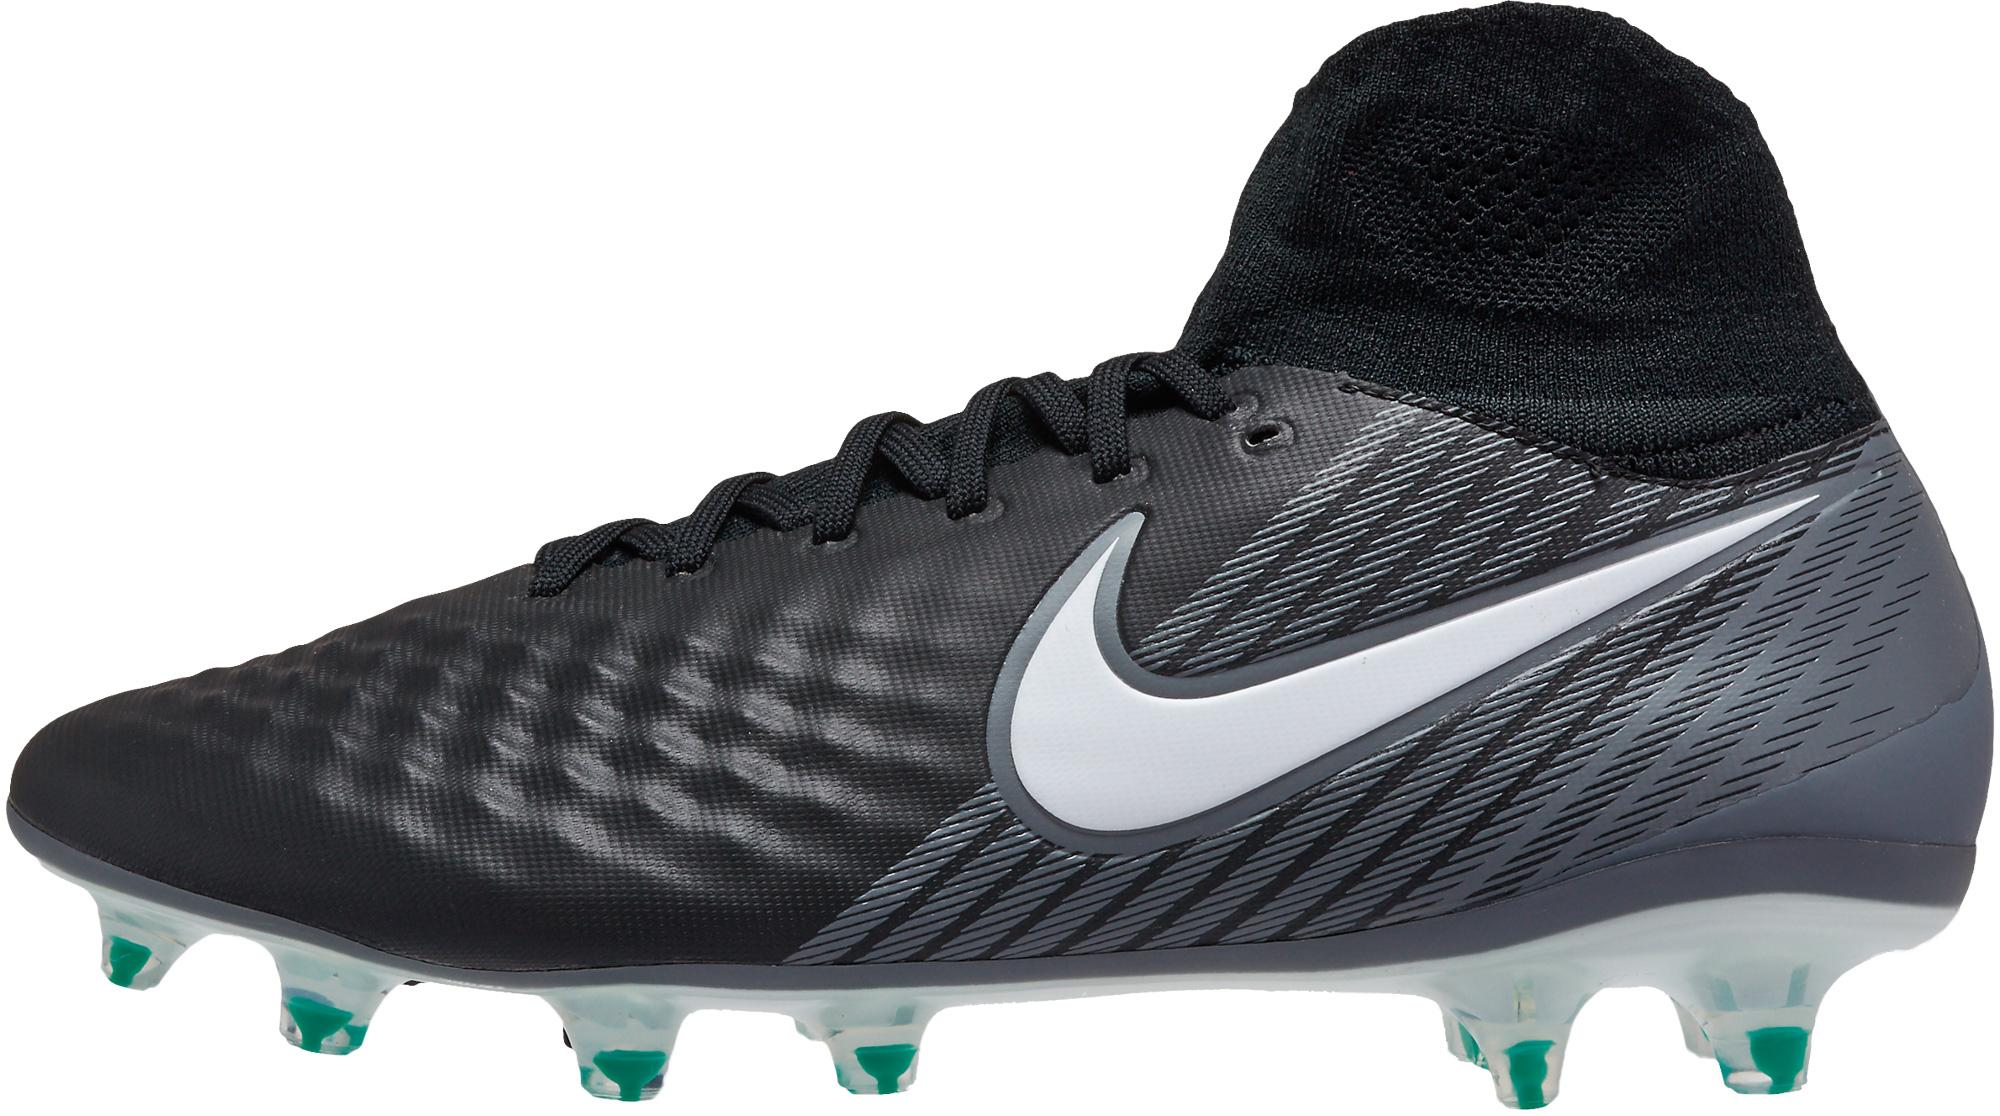 Nike Magista Orden II FG - Black and White Magista Soccer ...